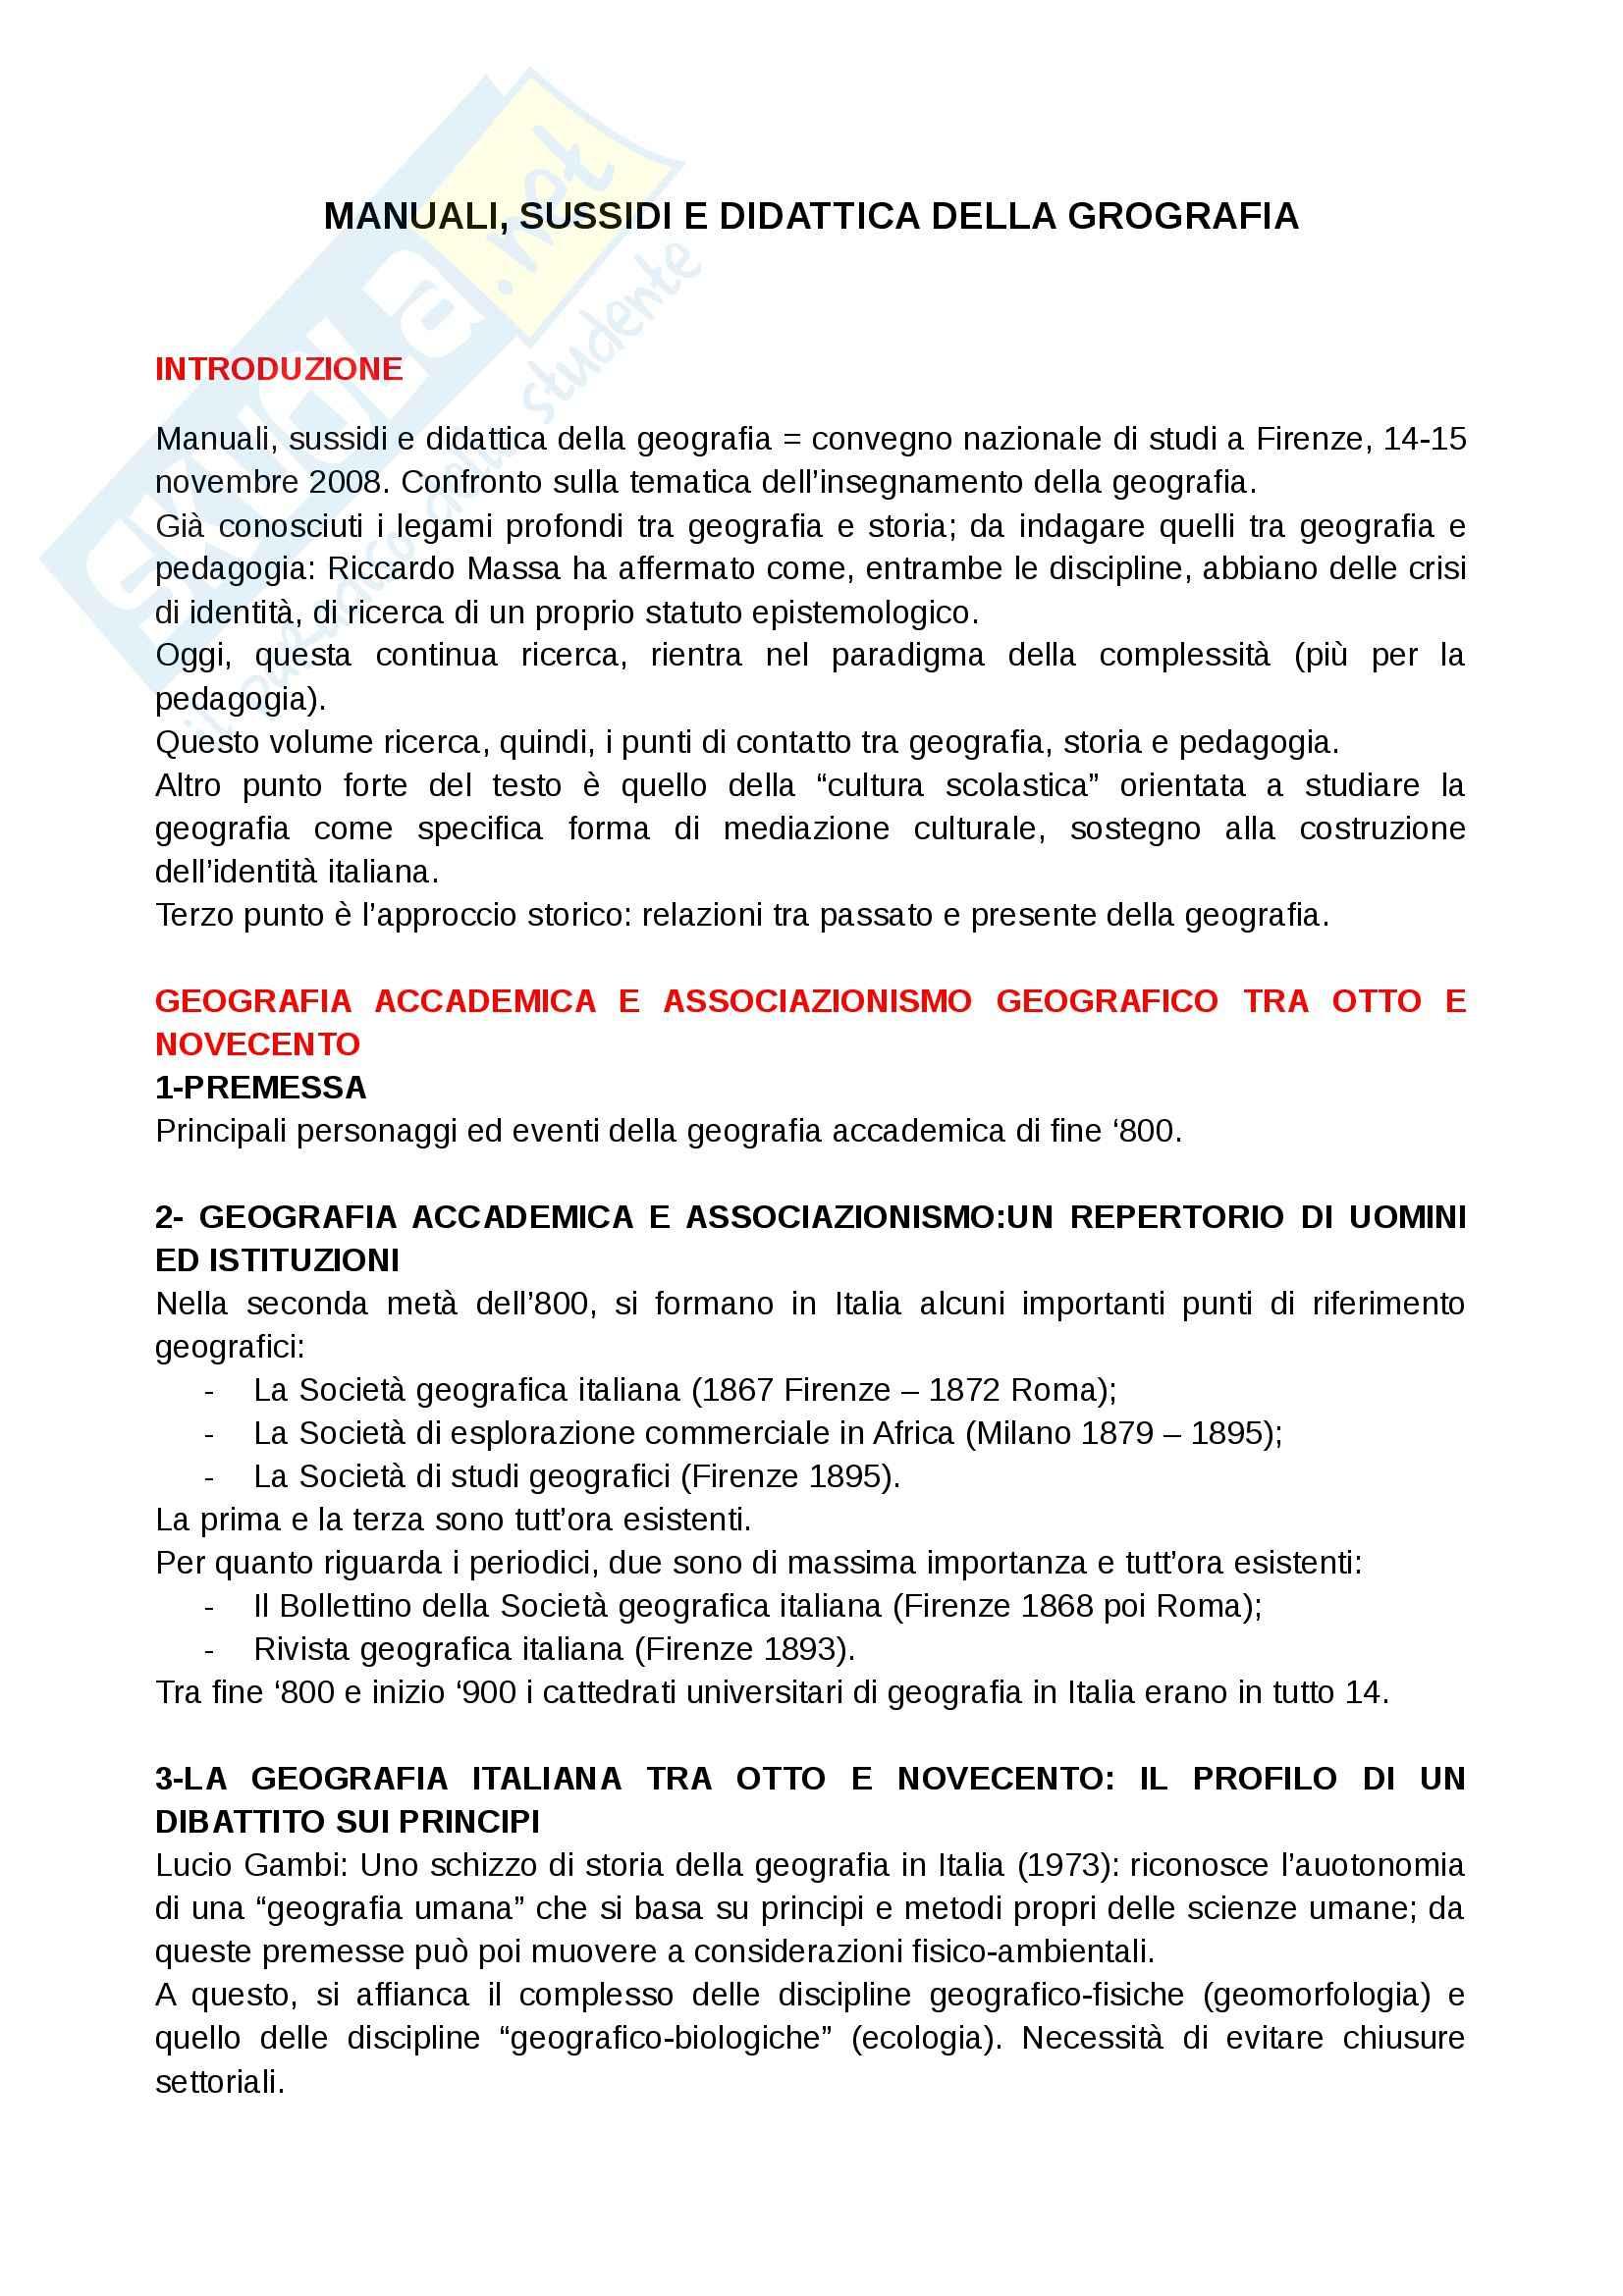 Riassunto esame Geografia, prof. Vecchio, libro consigliato Manuali, sussidi e didattica della geografia di Bandini